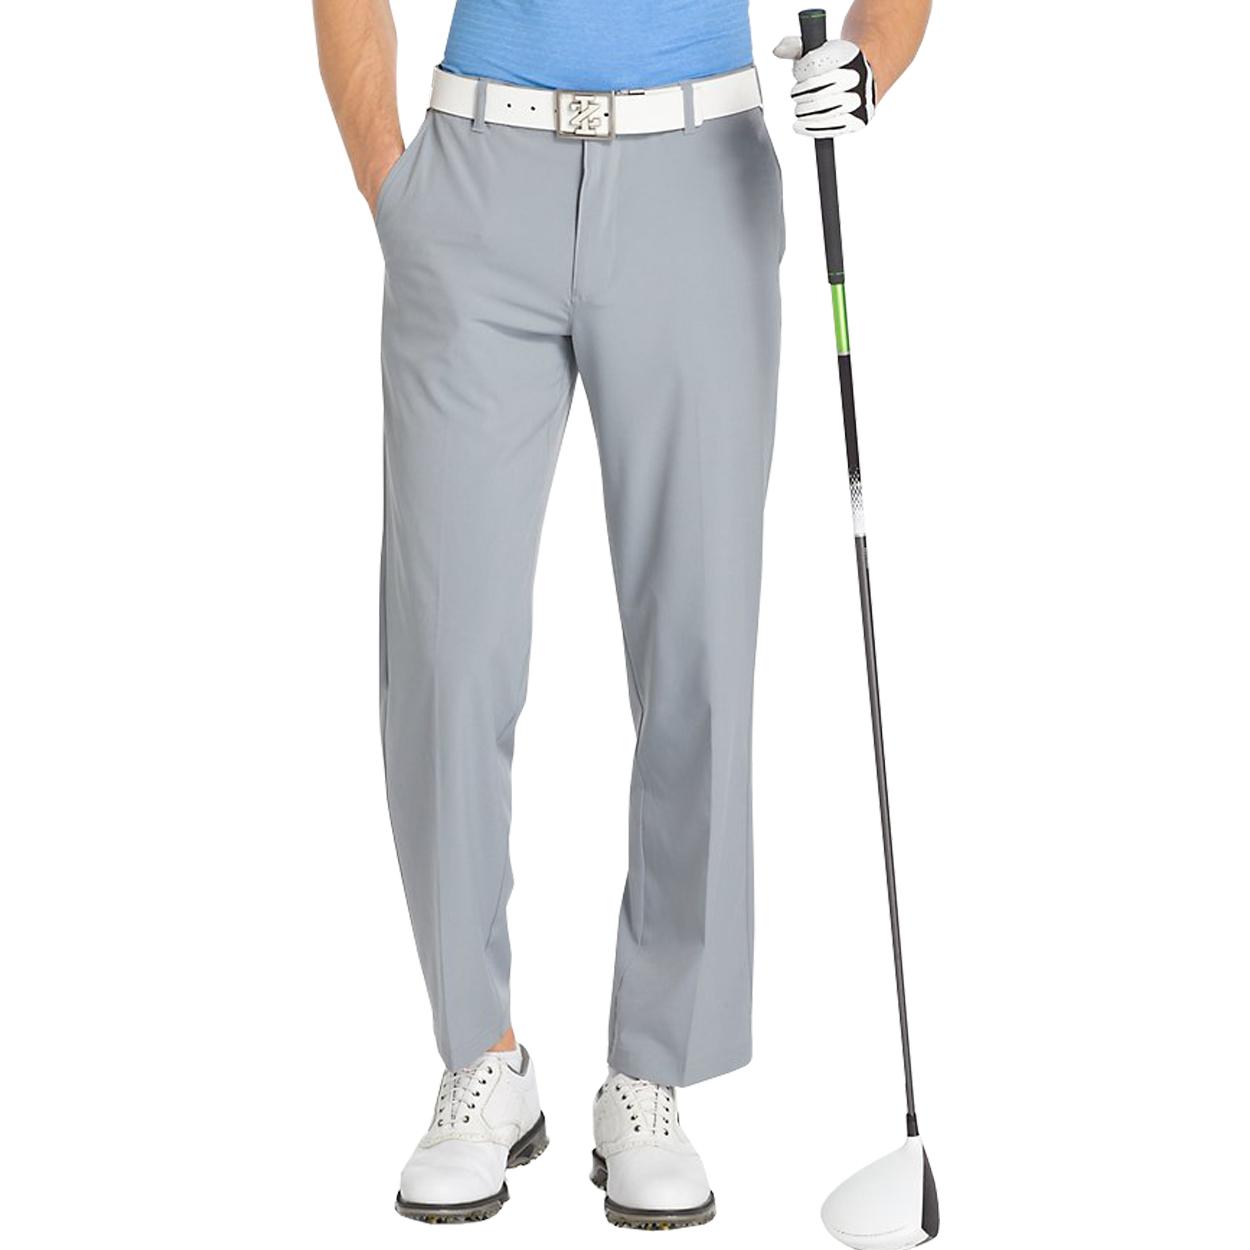 Izod Golf Swingflex Slim Fit Pant Golfetail